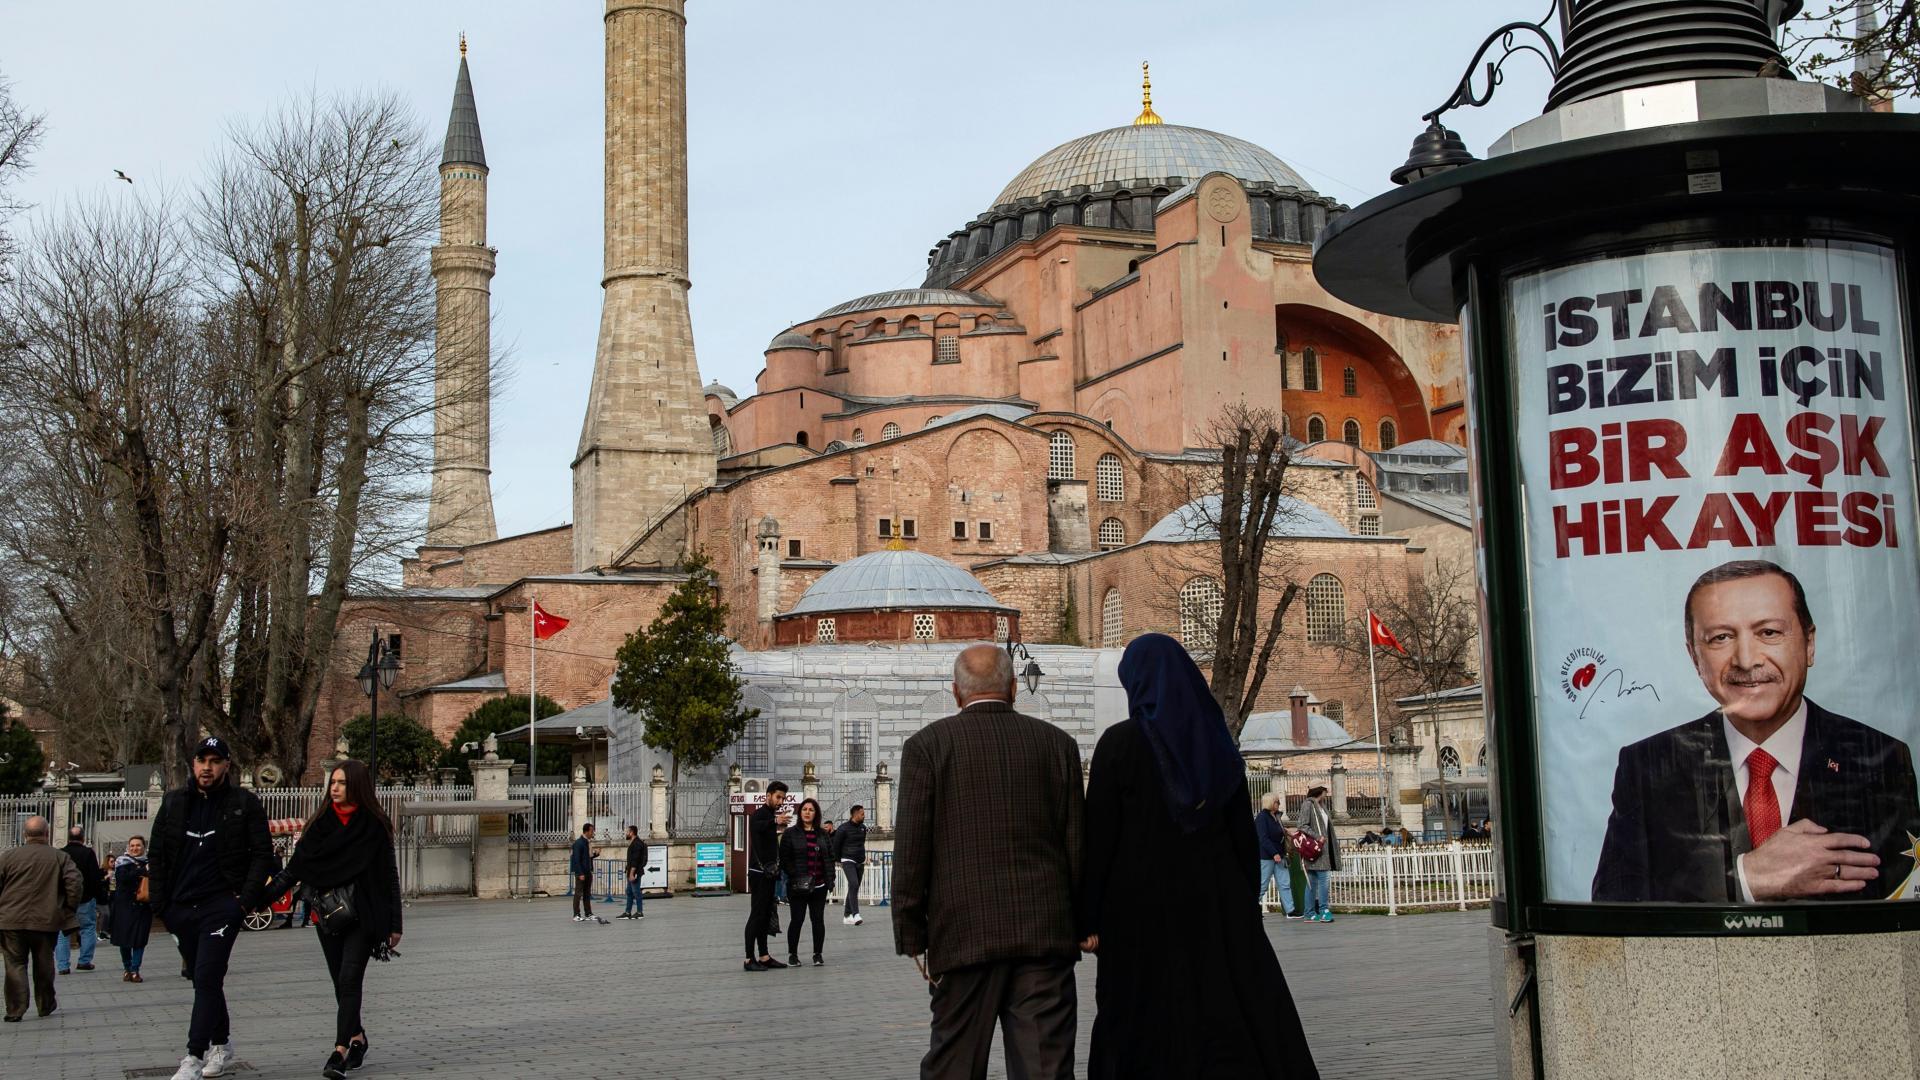 """تصريح أردوغان عن إعادة """"كنيسة"""" آيا صوفيا بإسطنبول إلى """"مسجد"""" يثير جدلا"""